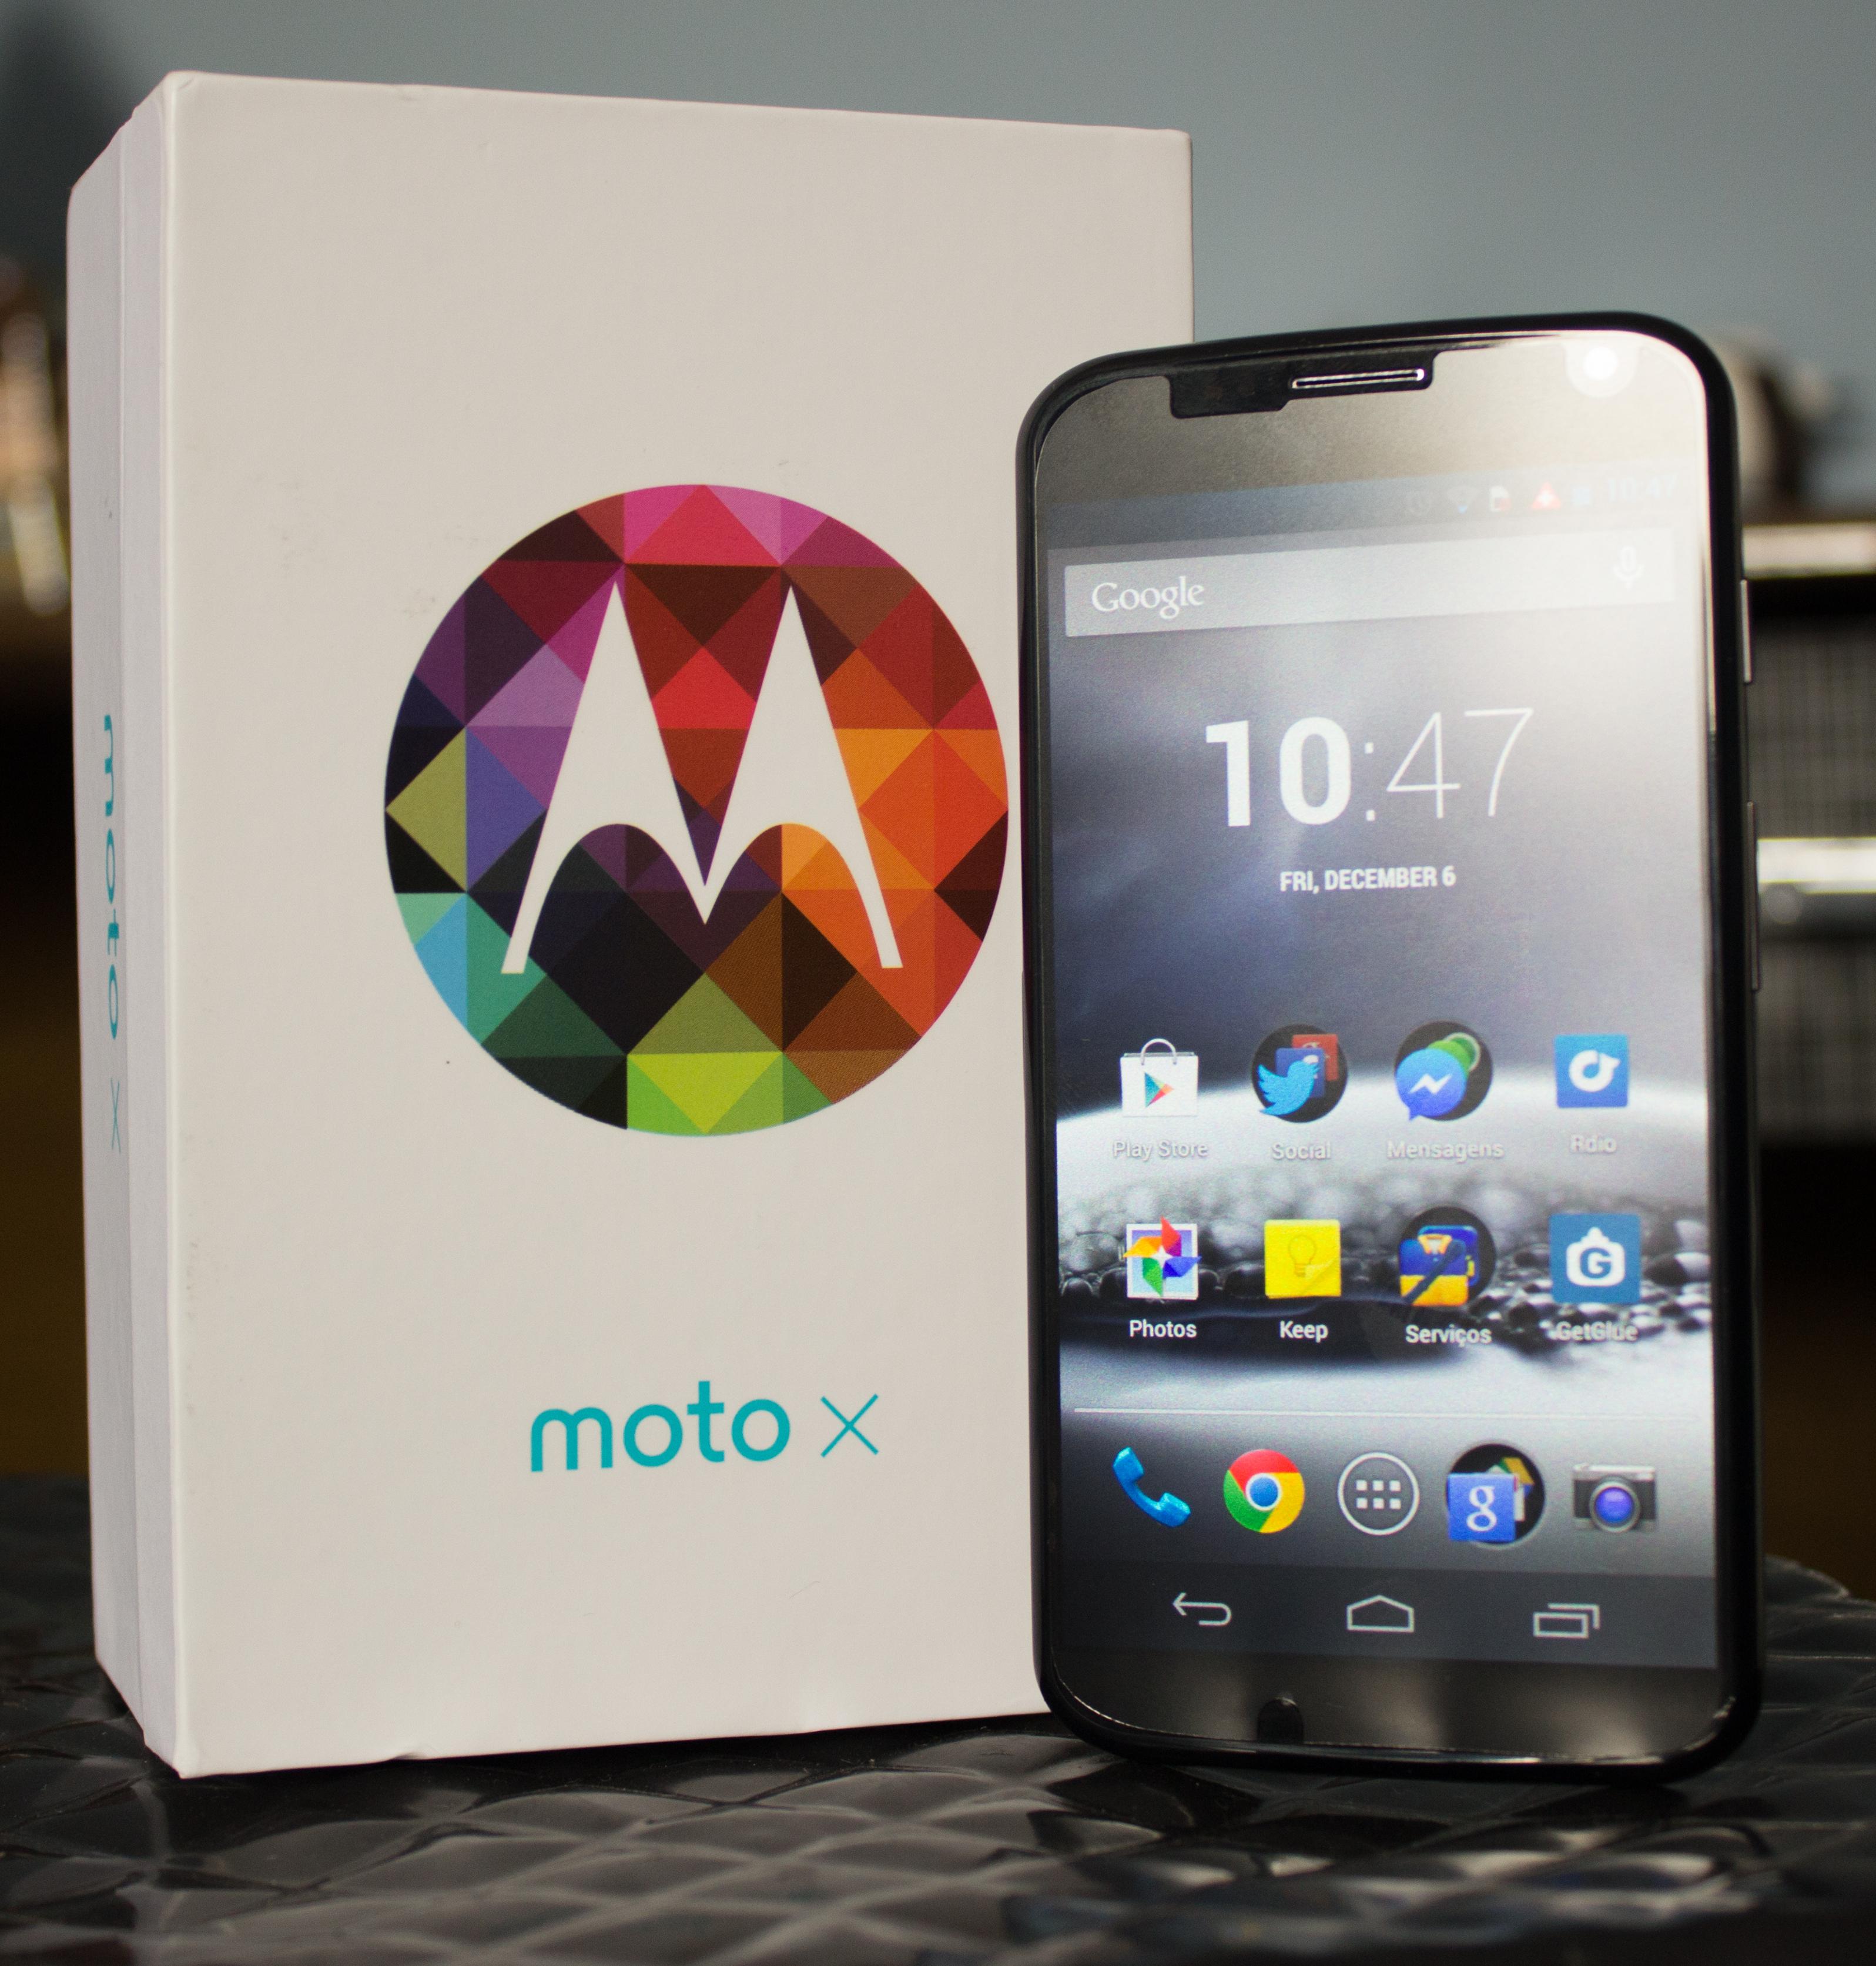 Moto X 1st Generation Wikipedia